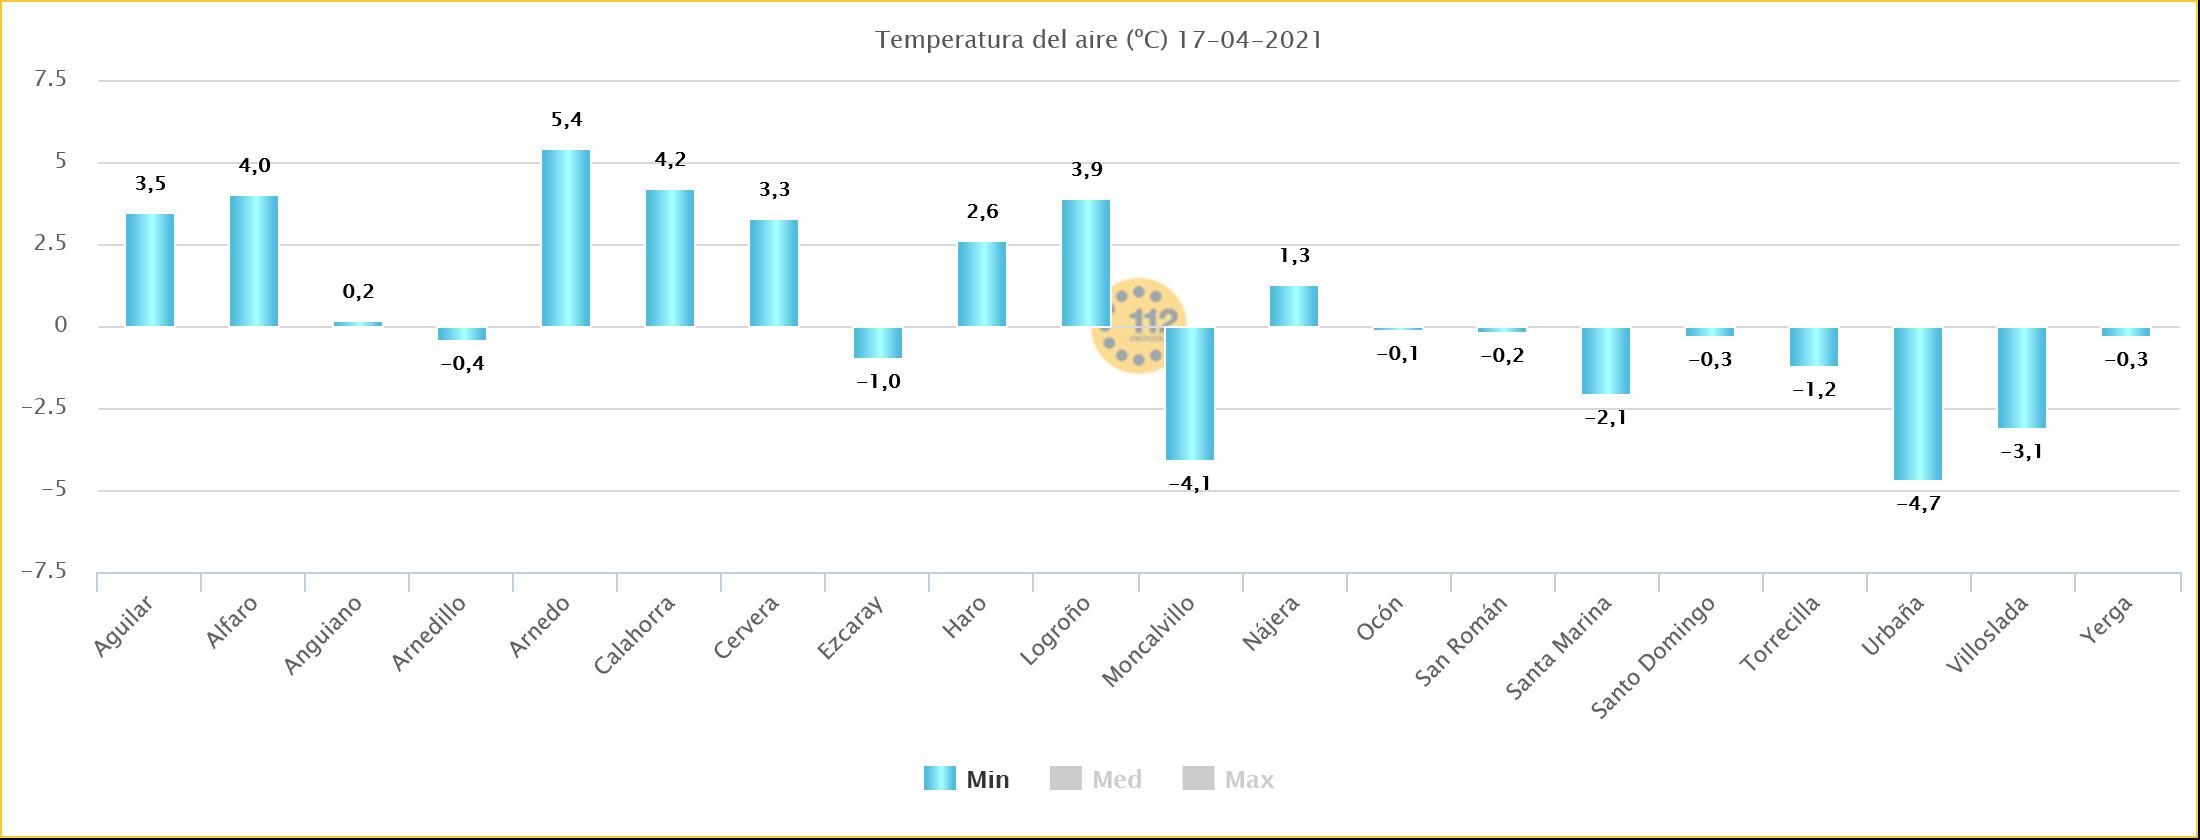 Temperaturas Mínims Viernes Estaciones de SOS Rioja